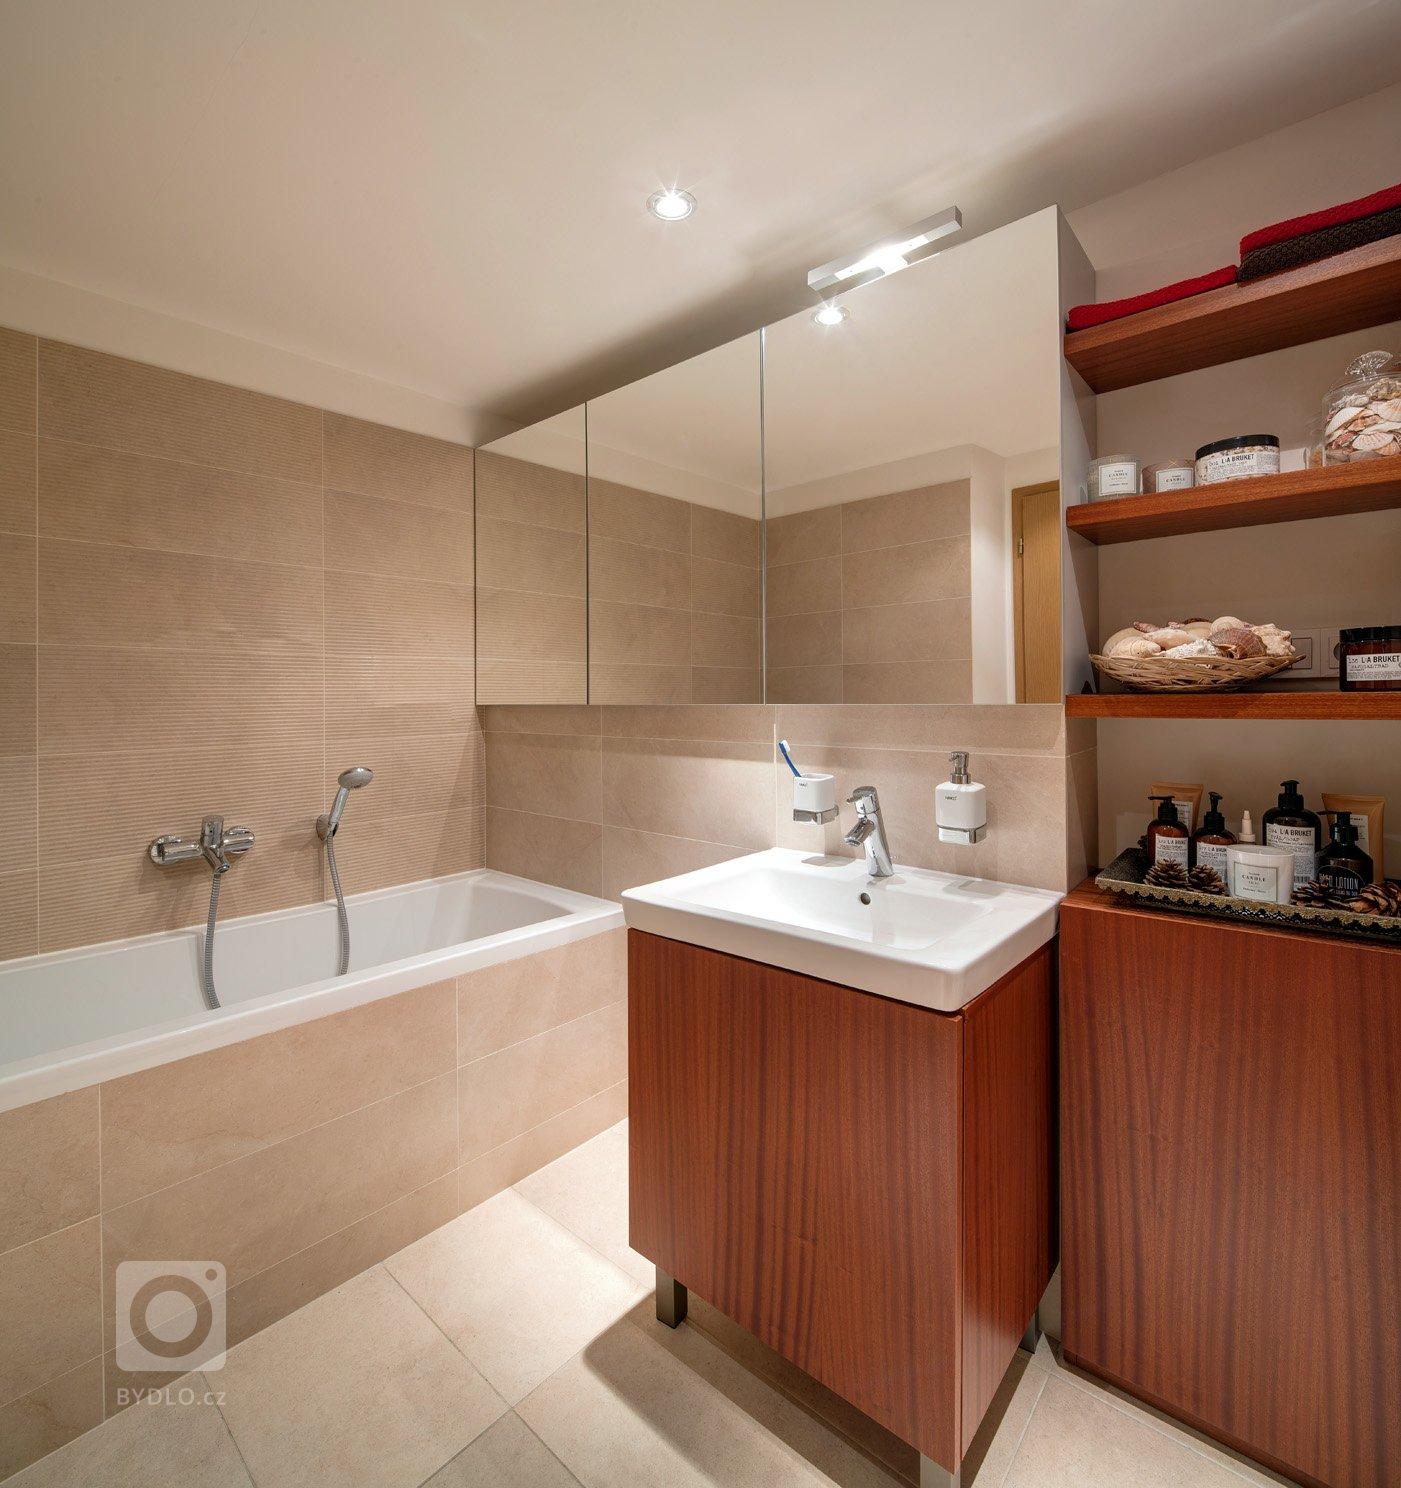 Tento krásný světlý byt, který se nachází v posledním patře činžovního domu na Vinohradech, je dispozičně rozdělen do dvou úrovní. Spodní část, kde…